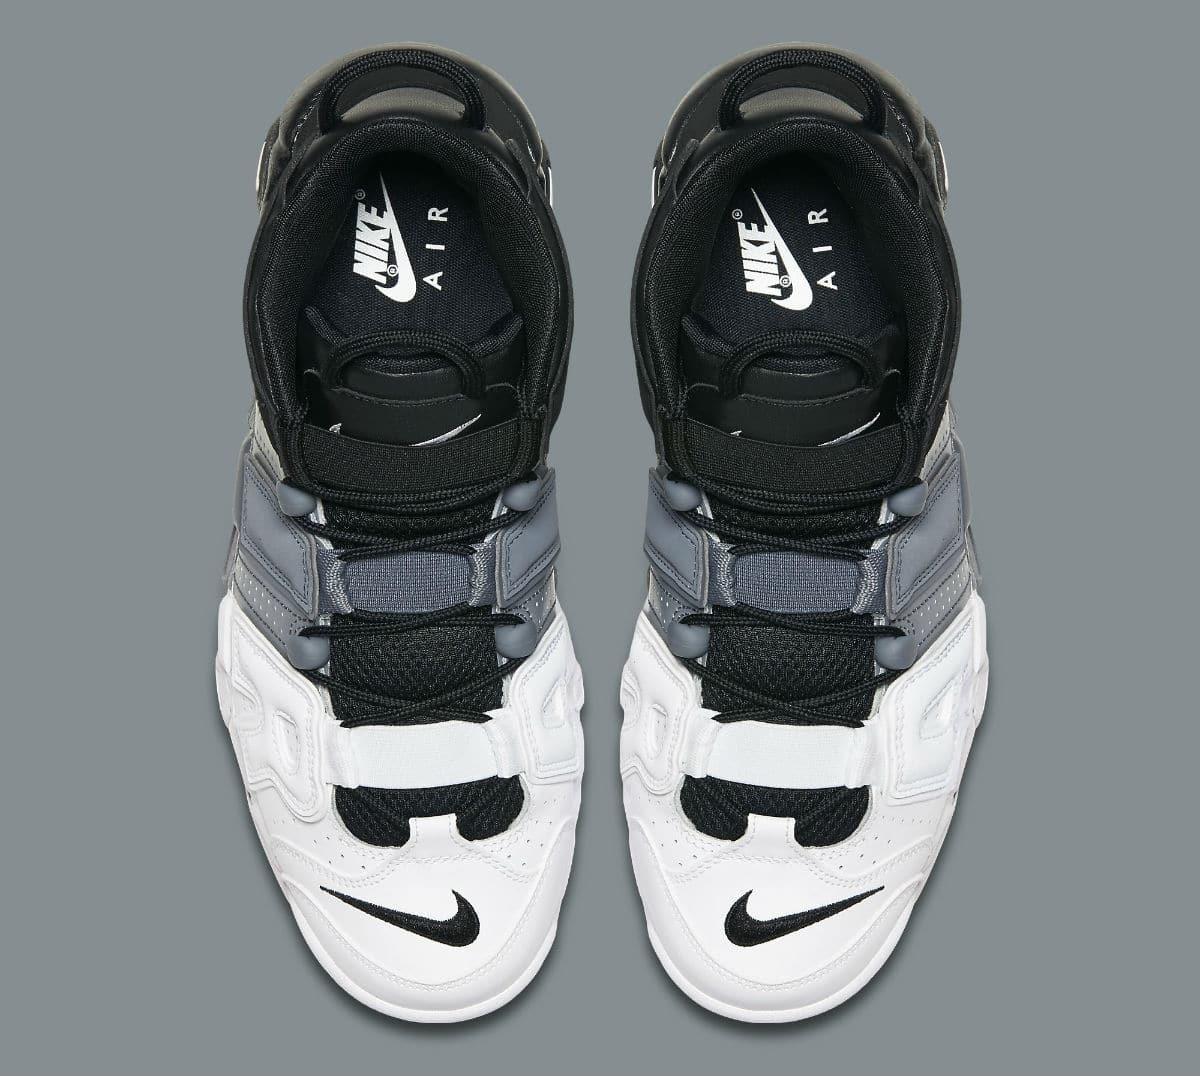 cd466522d075a zapatillas nike air more uptempo tri-color blanco negro gris. Cargando zoom.